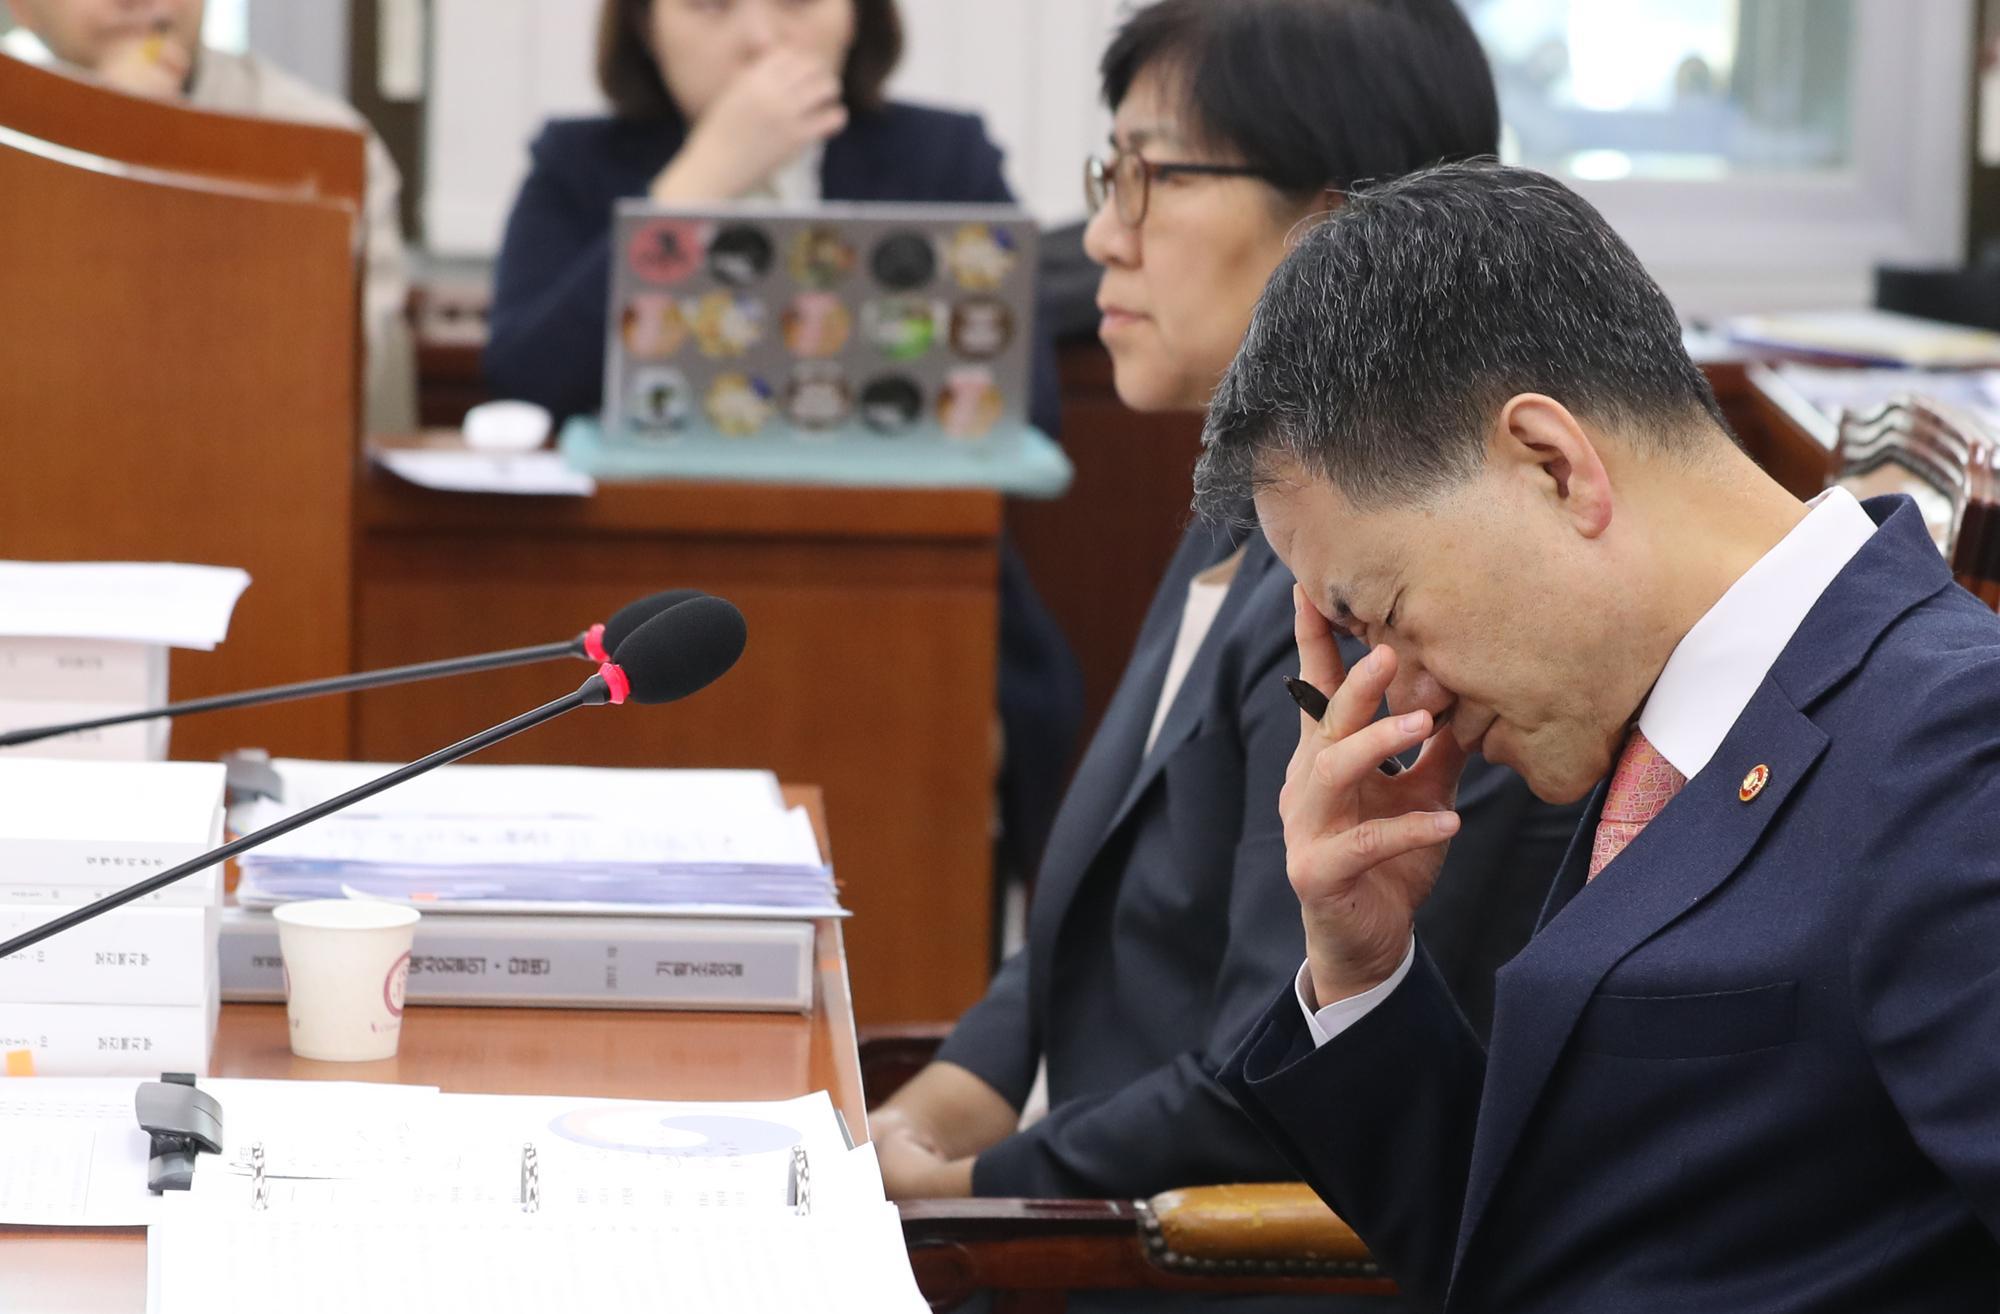 박능후 보건복지부 장관이 13일 국회에서 열린 복지부 국정감사에서 참고인으로 출석한 아동학대 피해자 어머니의 사연을 듣고 있다. [연합뉴스]